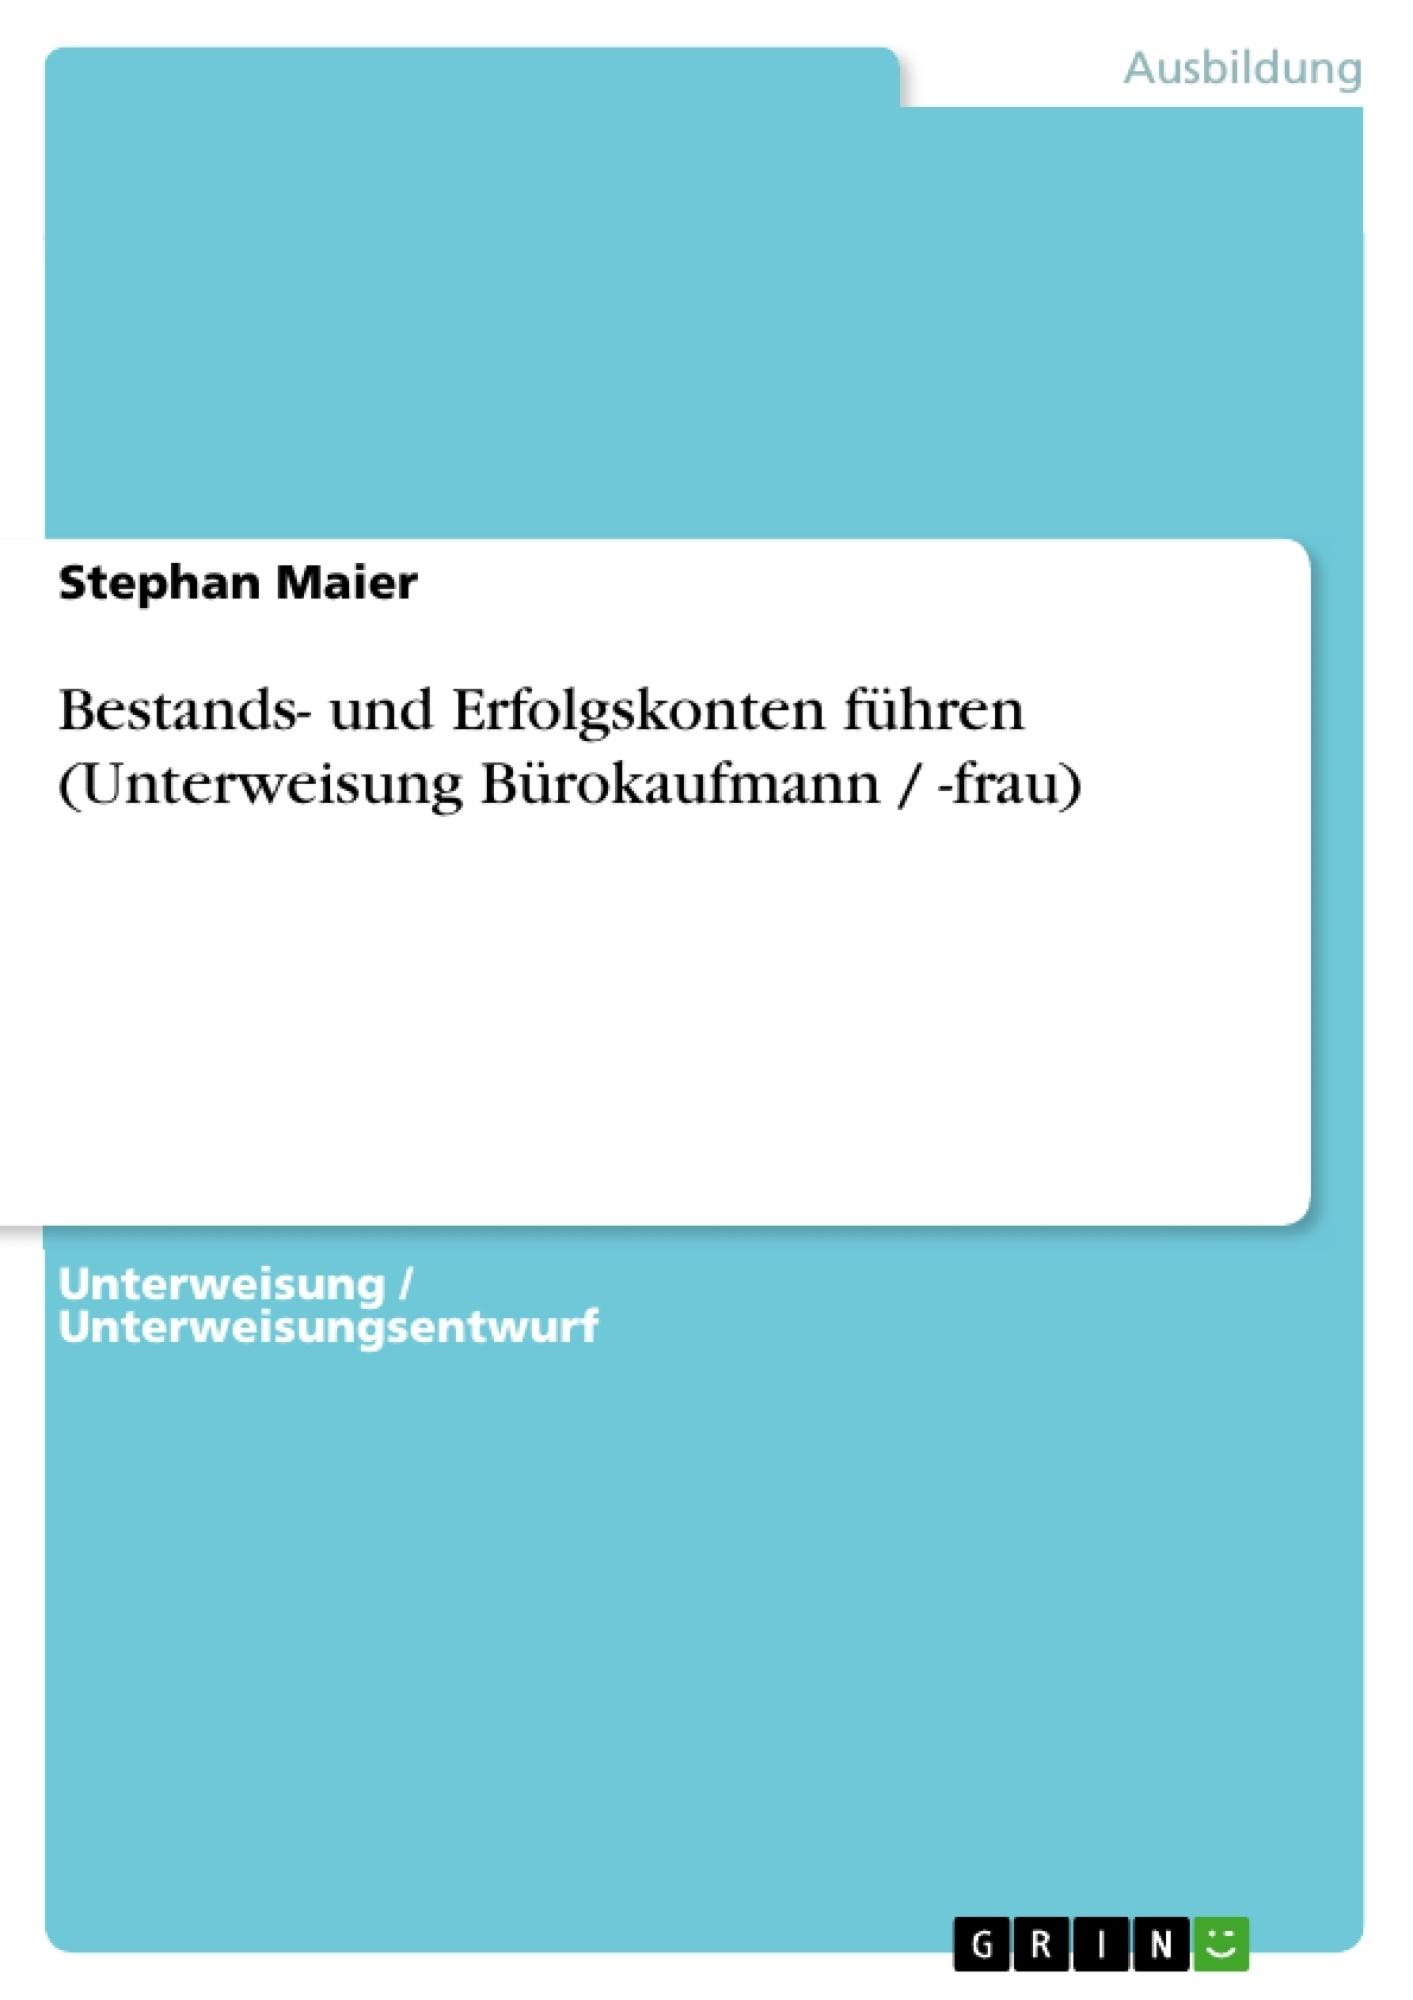 Titel: Bestands- und Erfolgskonten führen (Unterweisung Bürokaufmann / -frau)